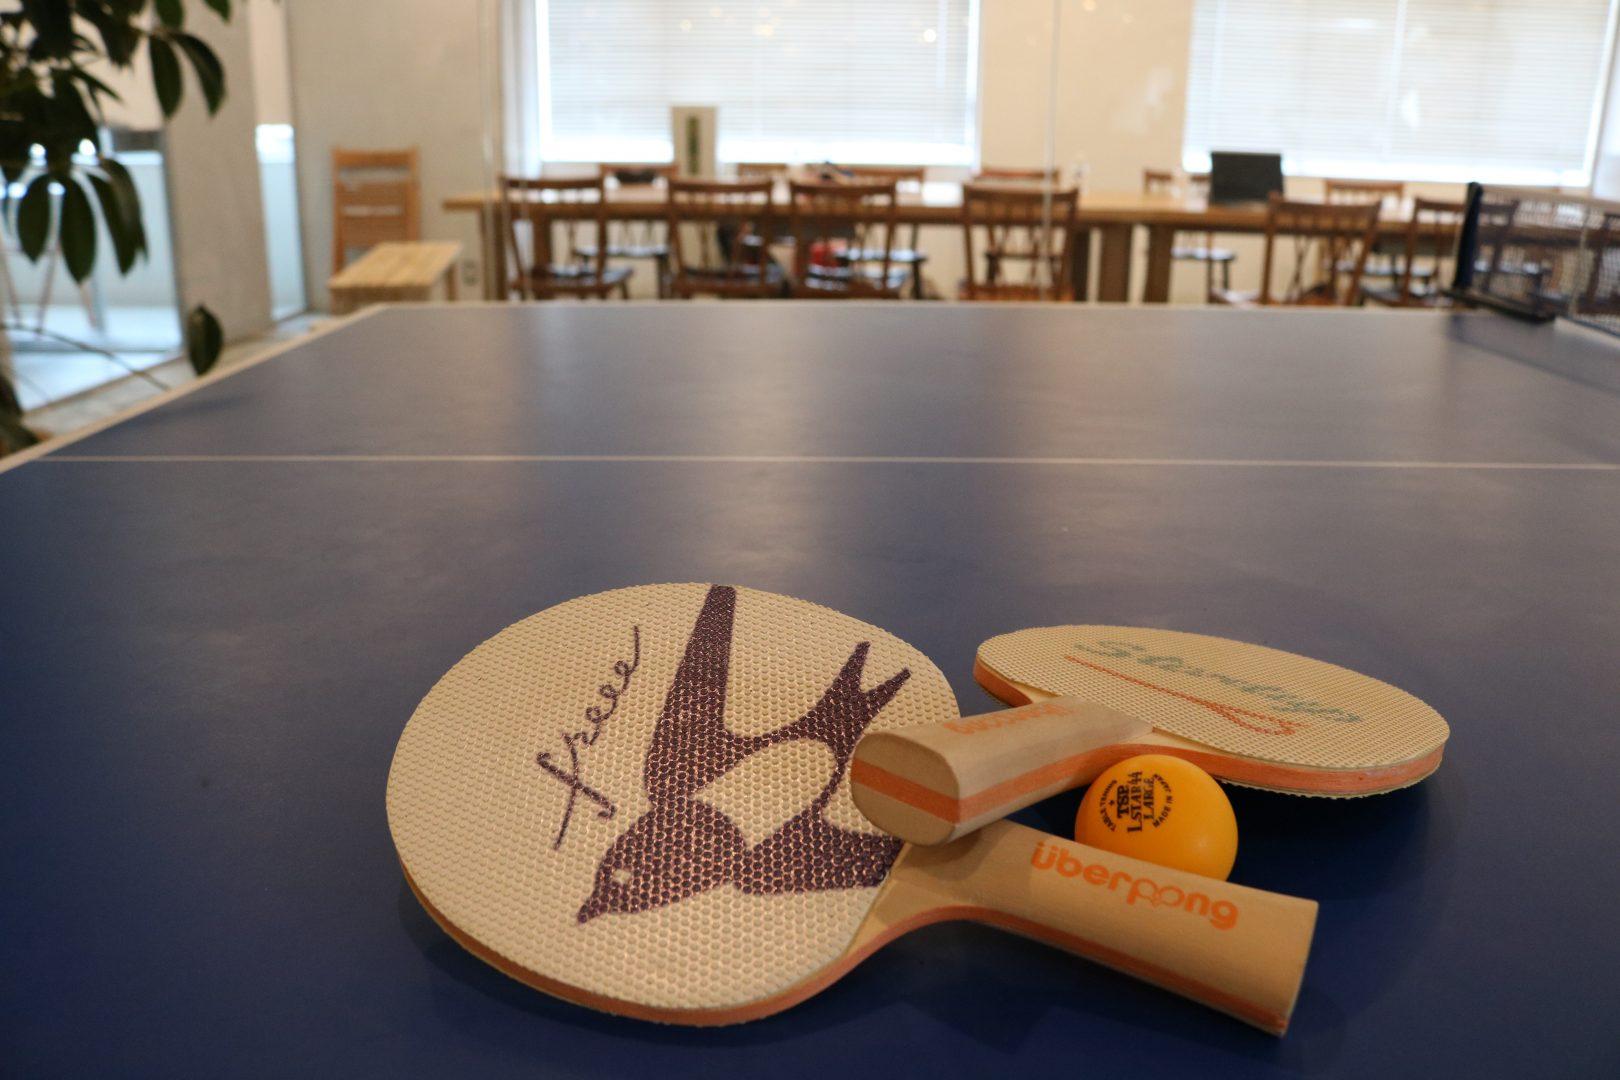 【オフィスピンポン:freee(後編)】 卓球を活用した社内コミュニケーションの秘訣とは?